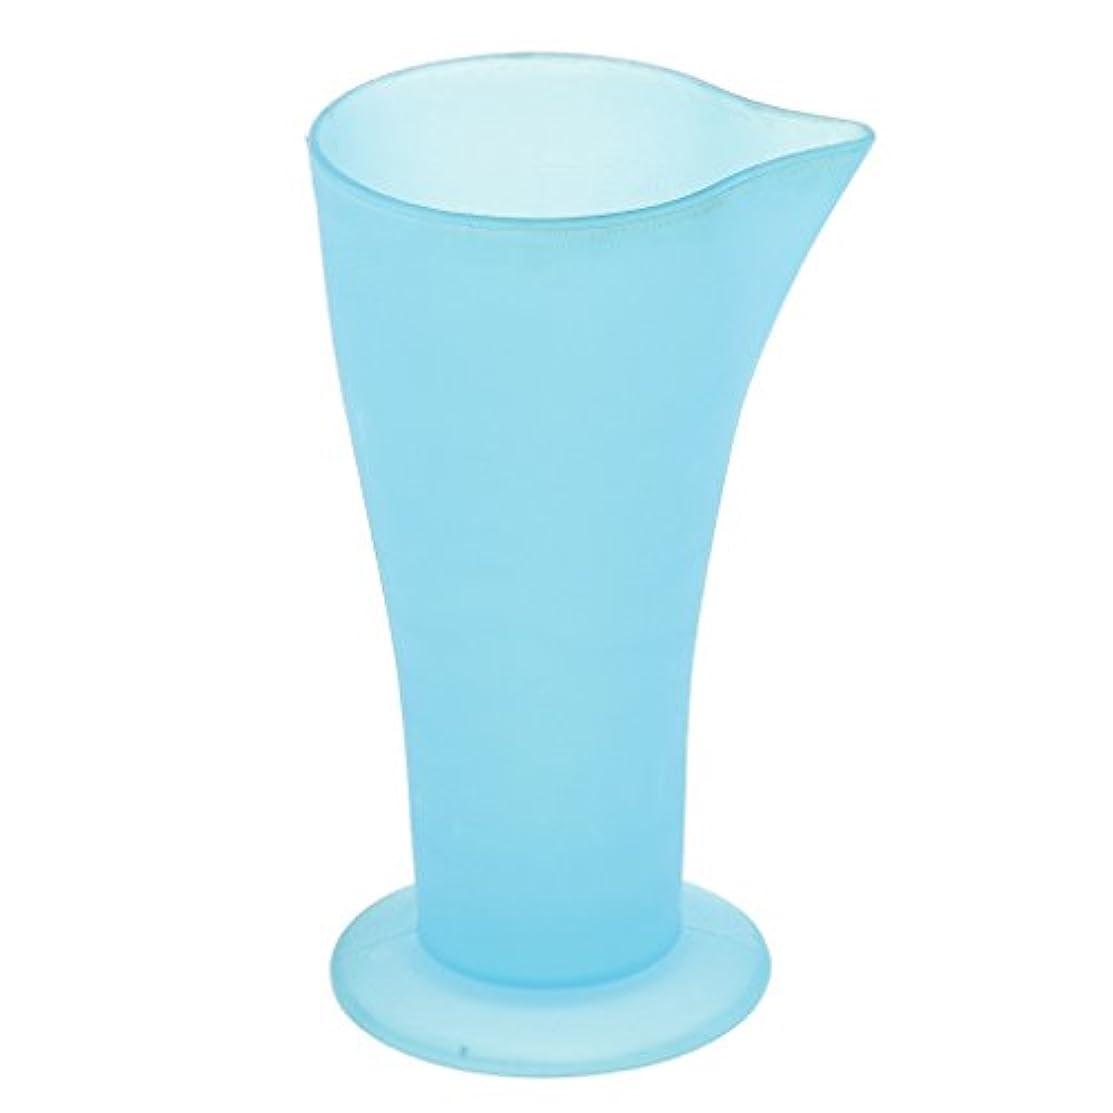 超音速吸収キッチン実験室のための1x 120mLの明確な青いプラスチックによって卒業する液体の測定のビーカーのコップ